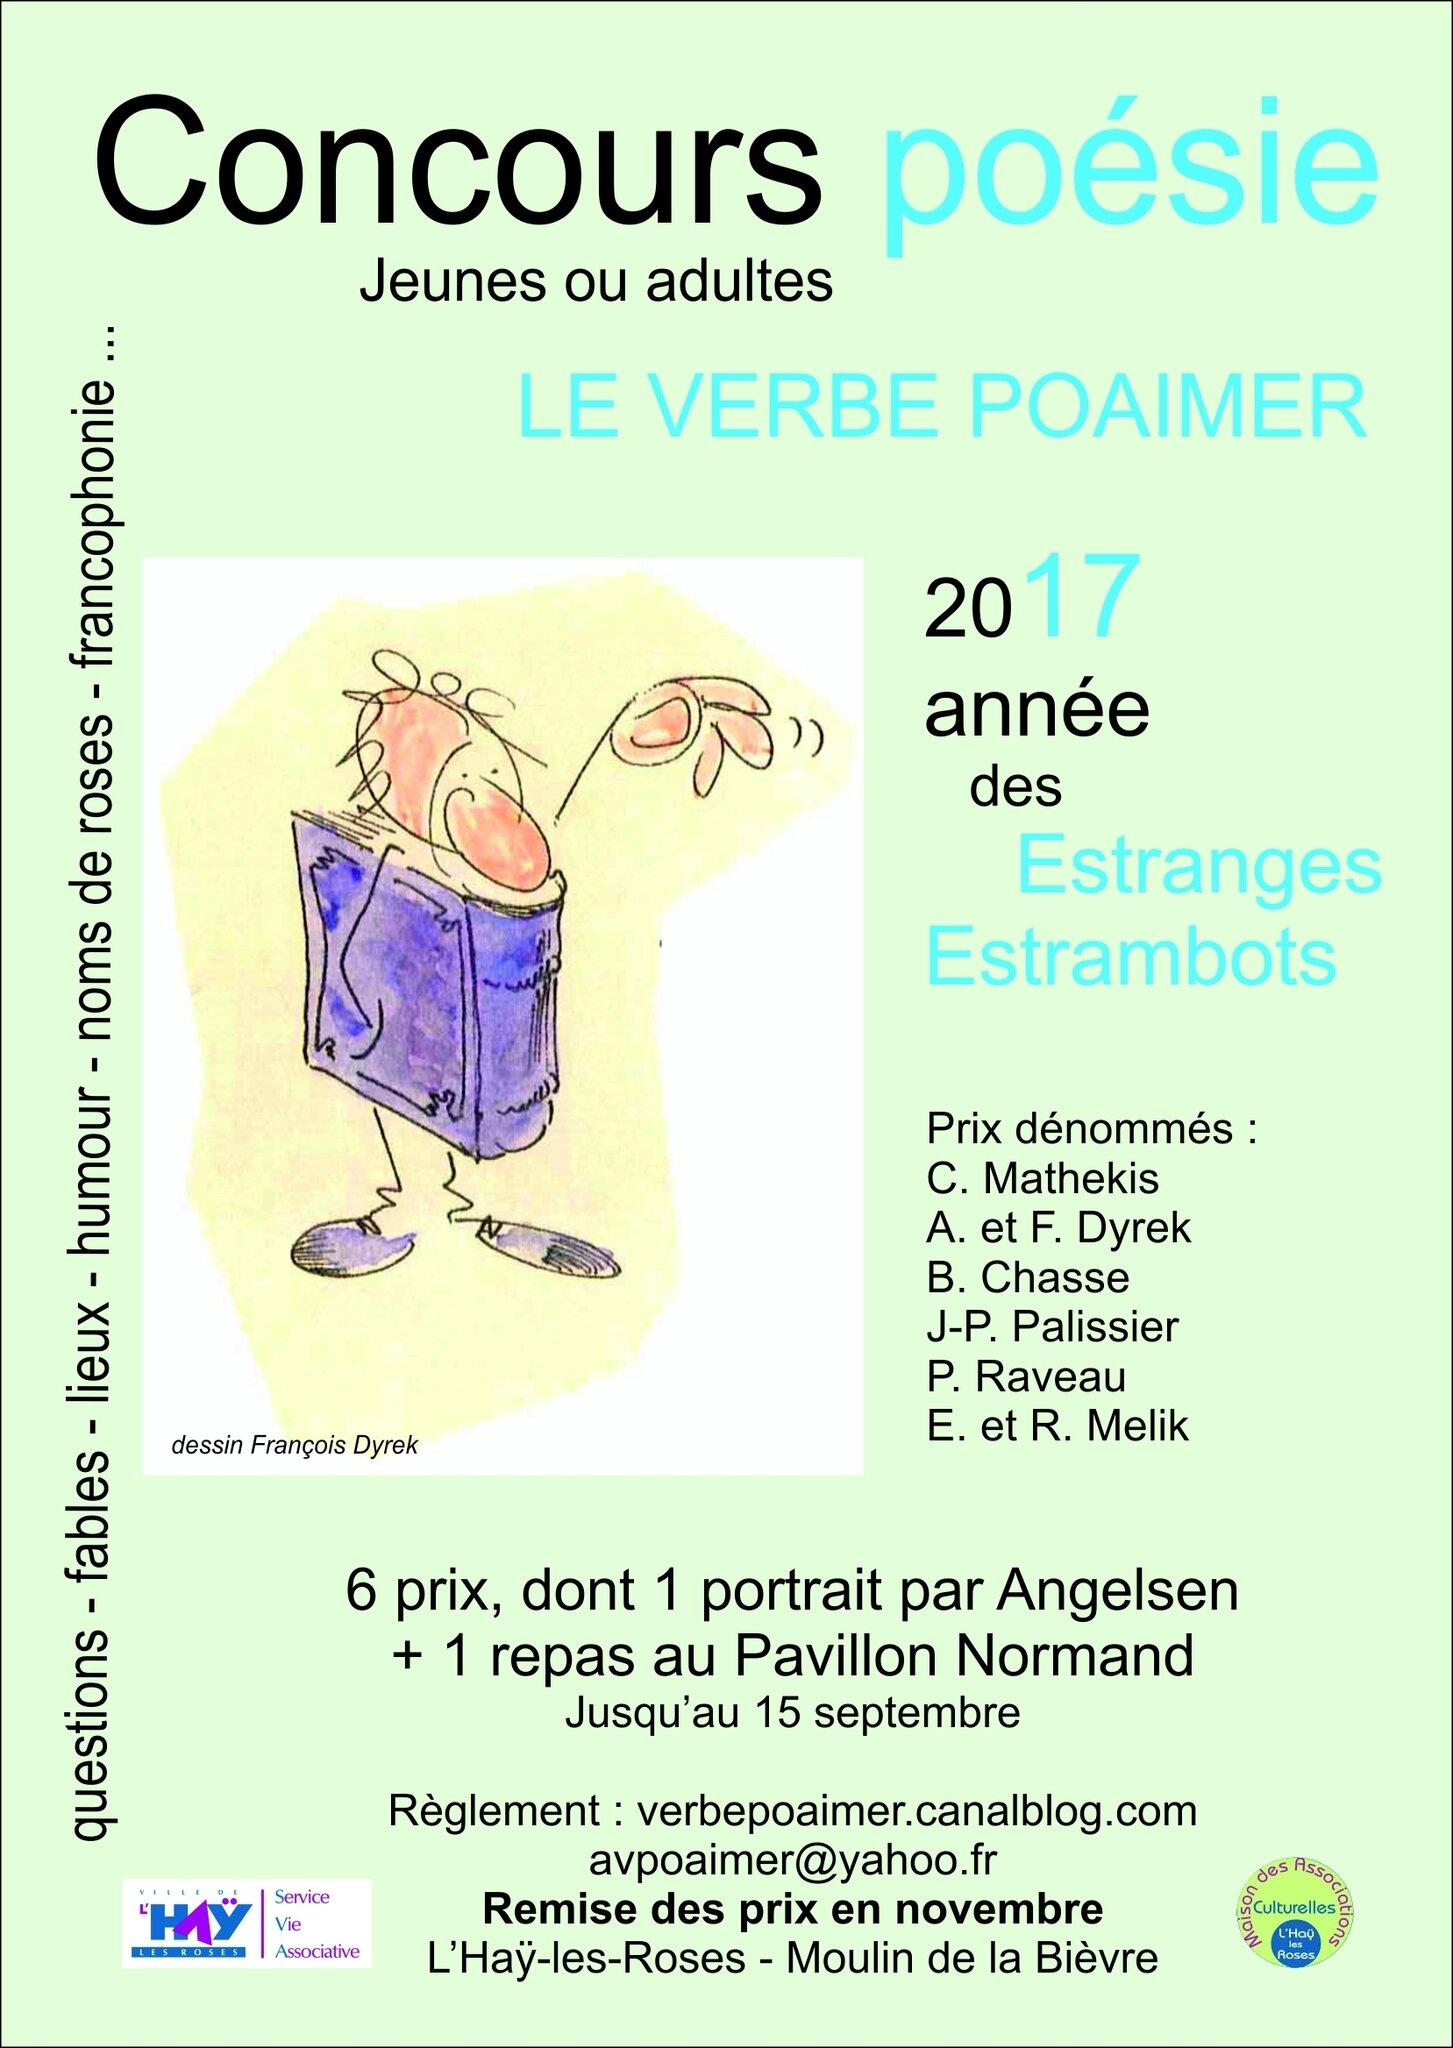 Poèmes estrambots, nouveau et dernier délai : 17 octobre 2017 ! Fables, poèmes cocasses, excla, interrog, lieux, nomderoses